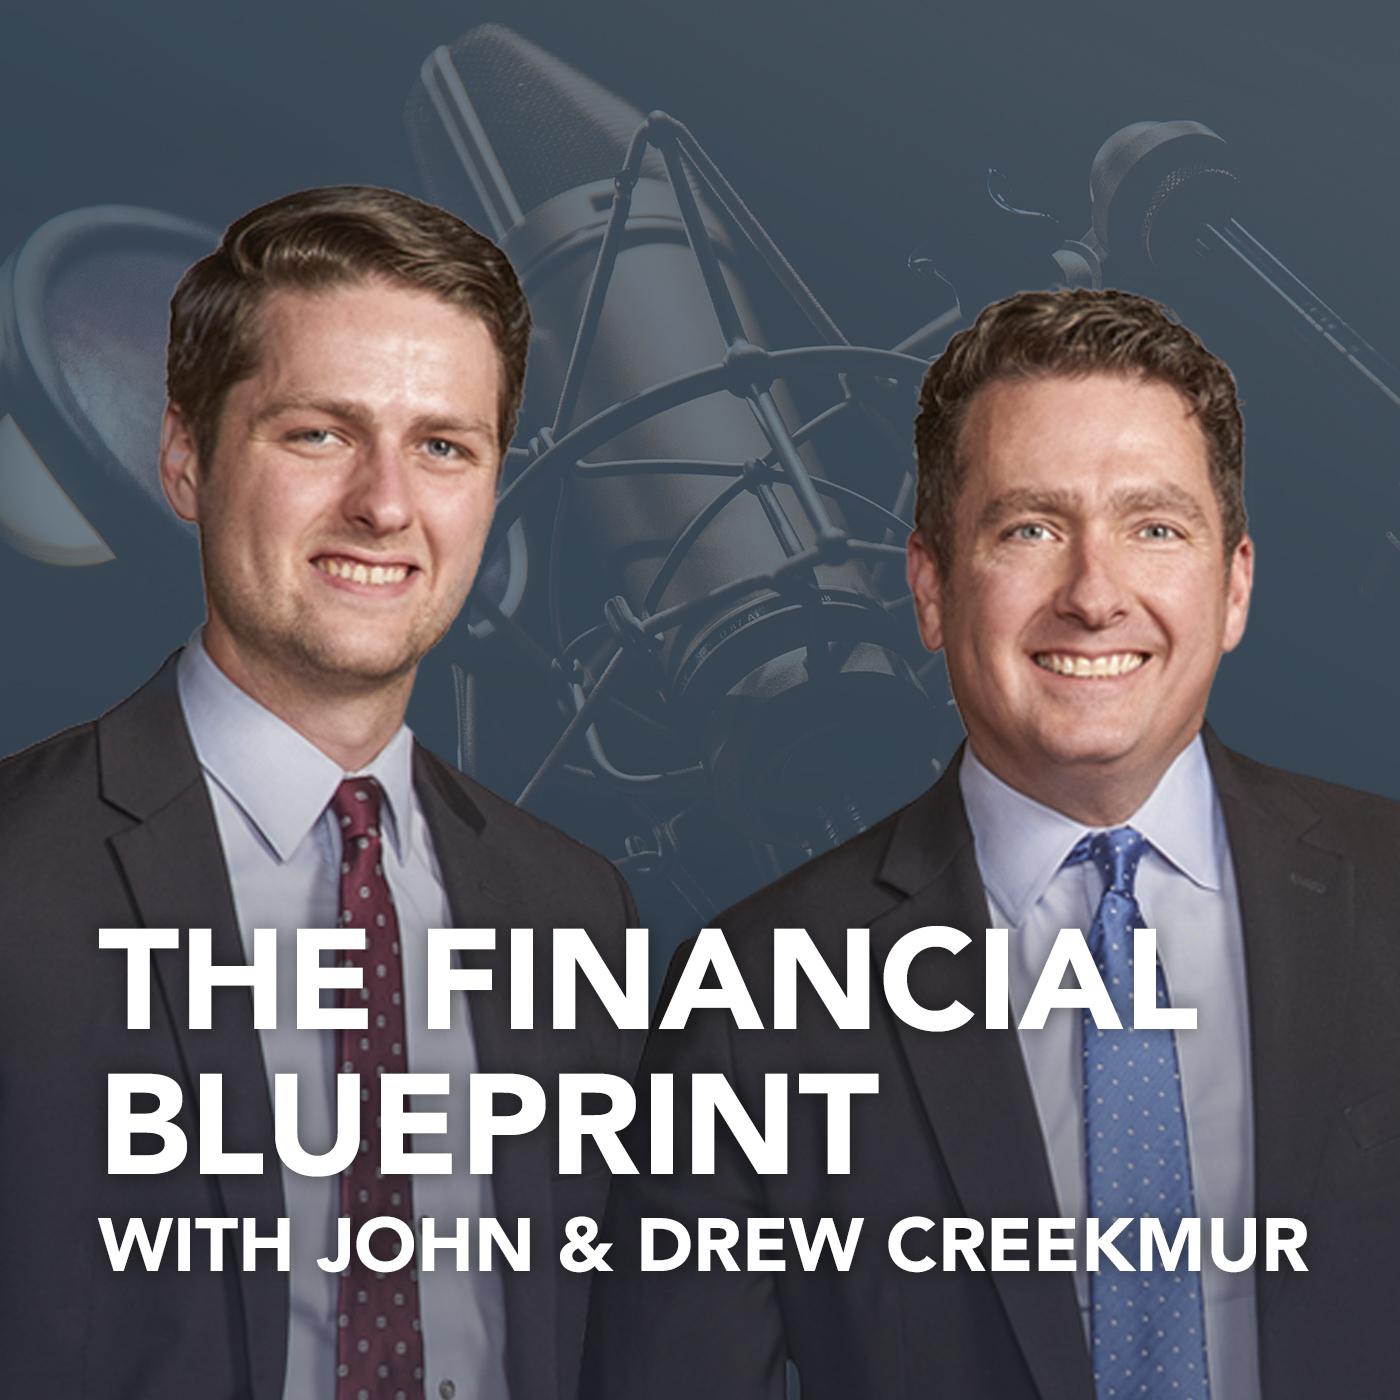 The Financial Blueprint show art